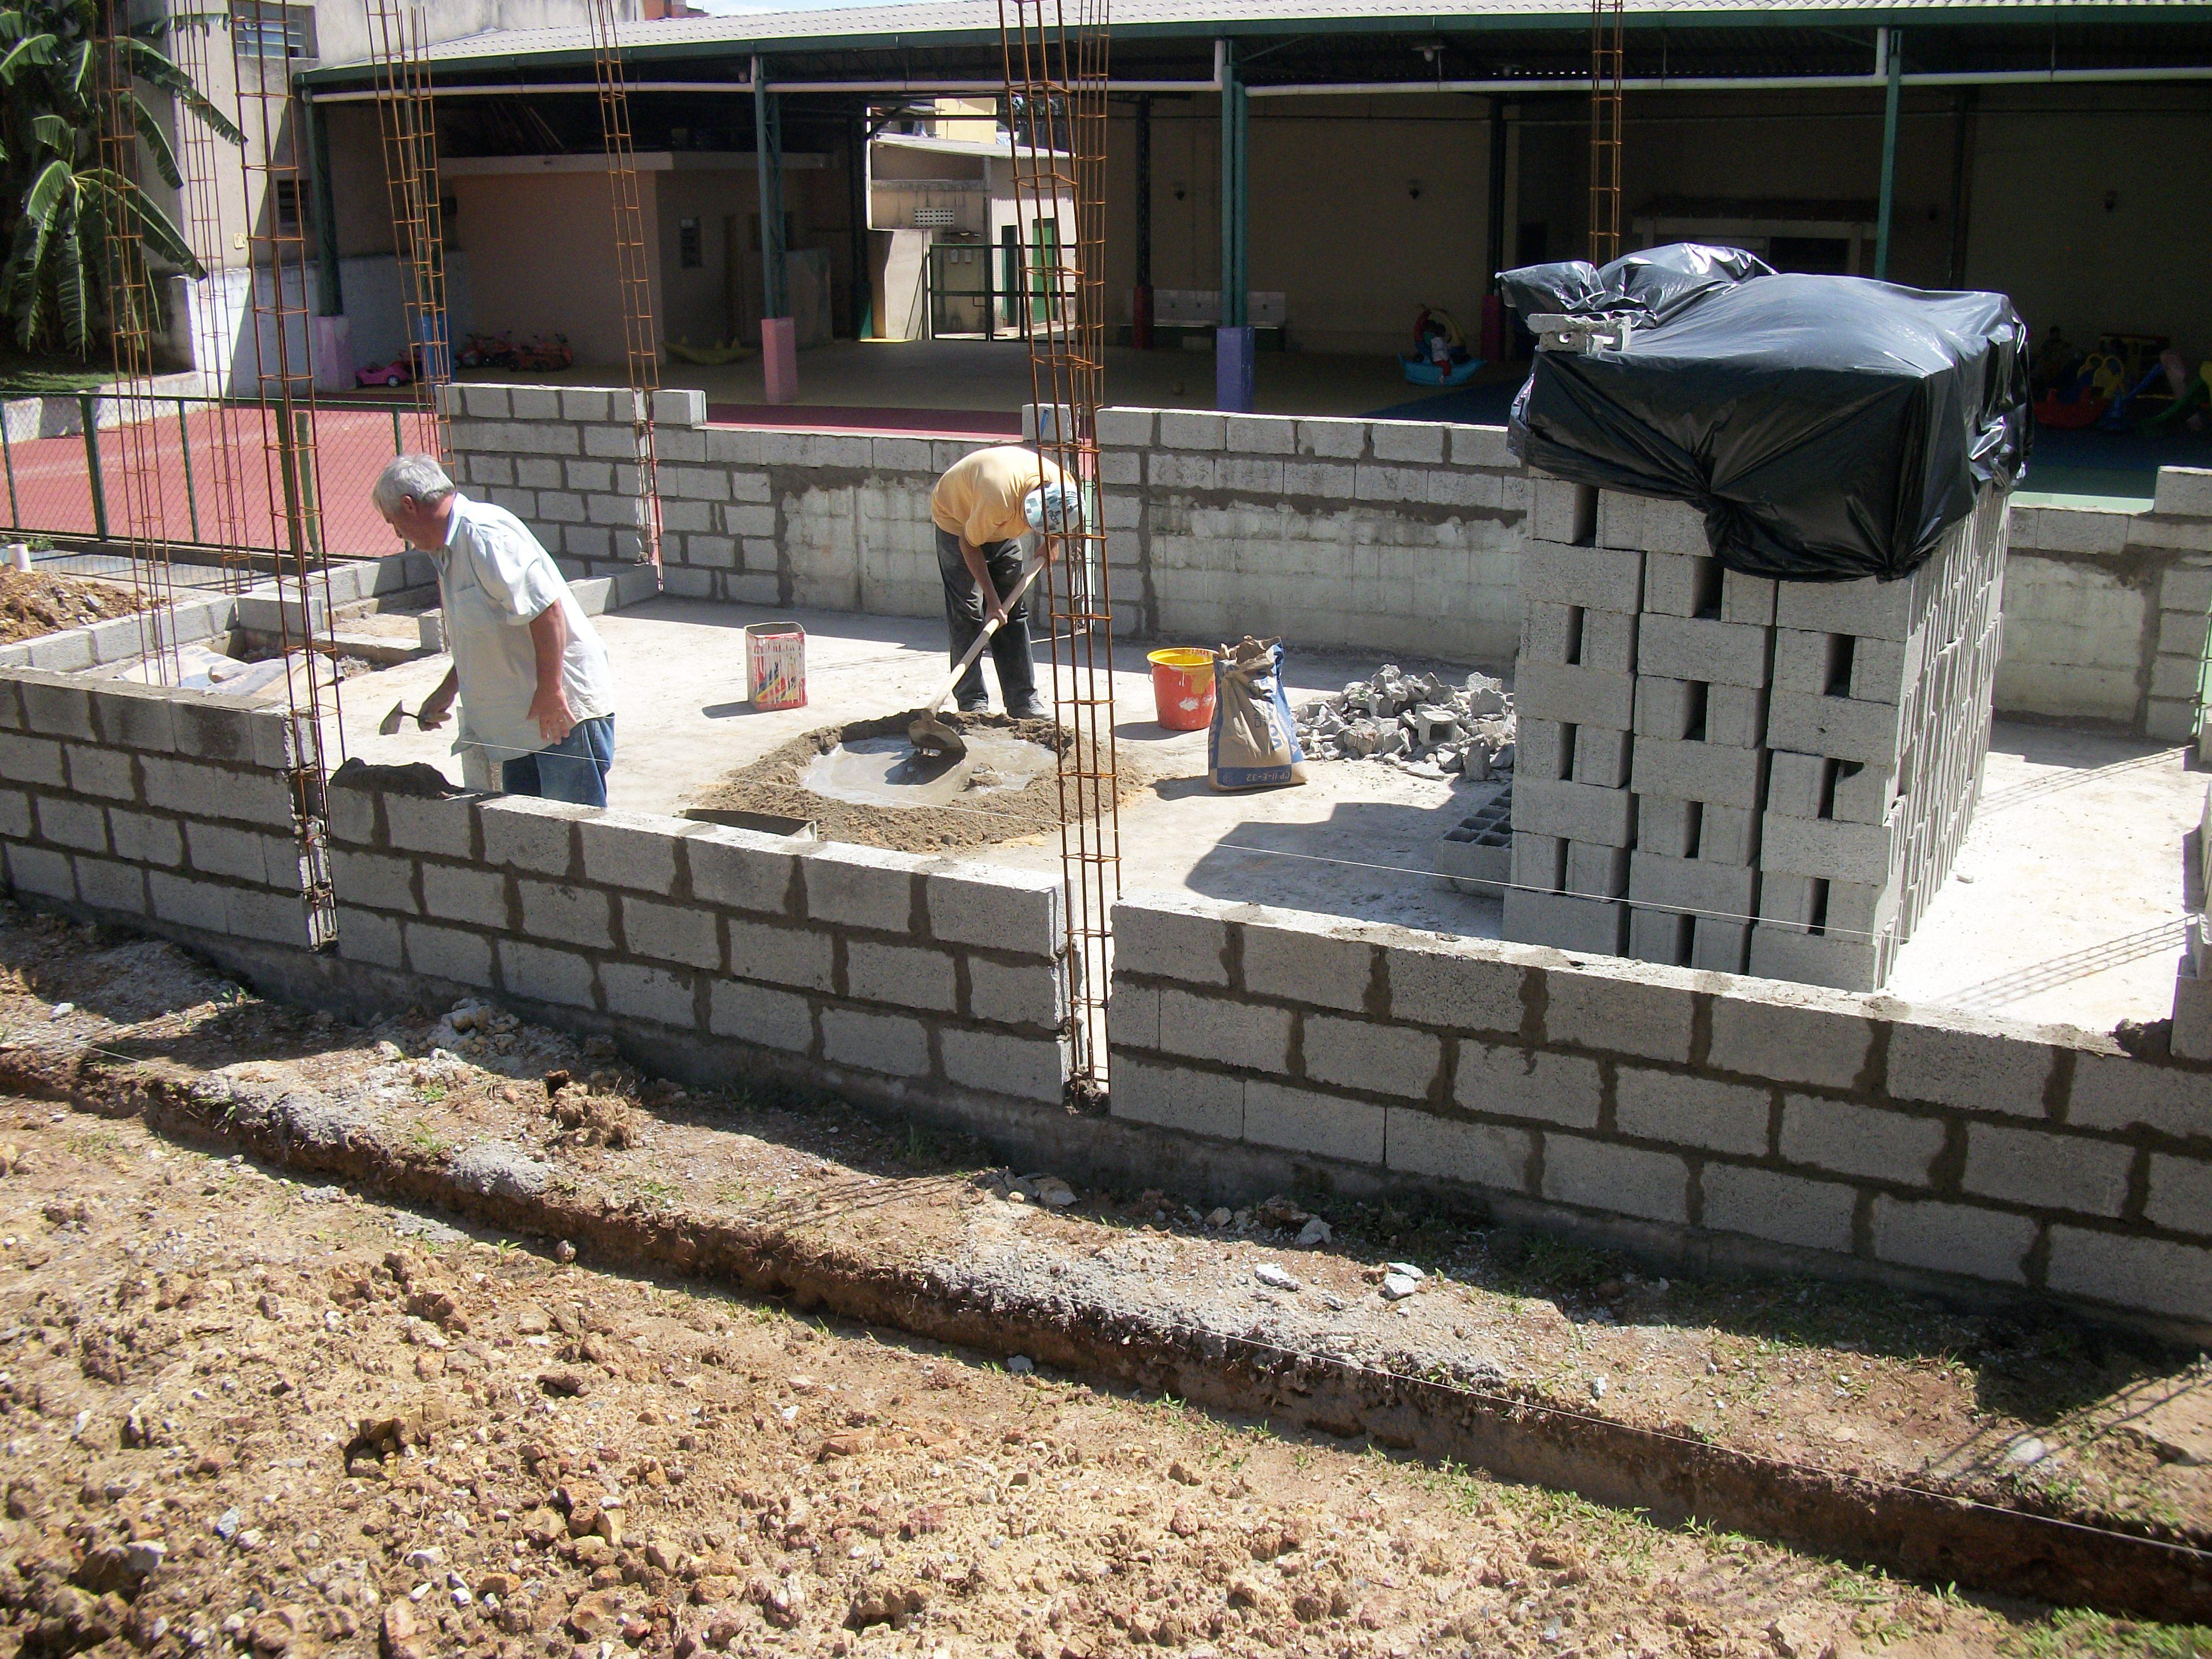 Outubro 2011 - dia 21 003